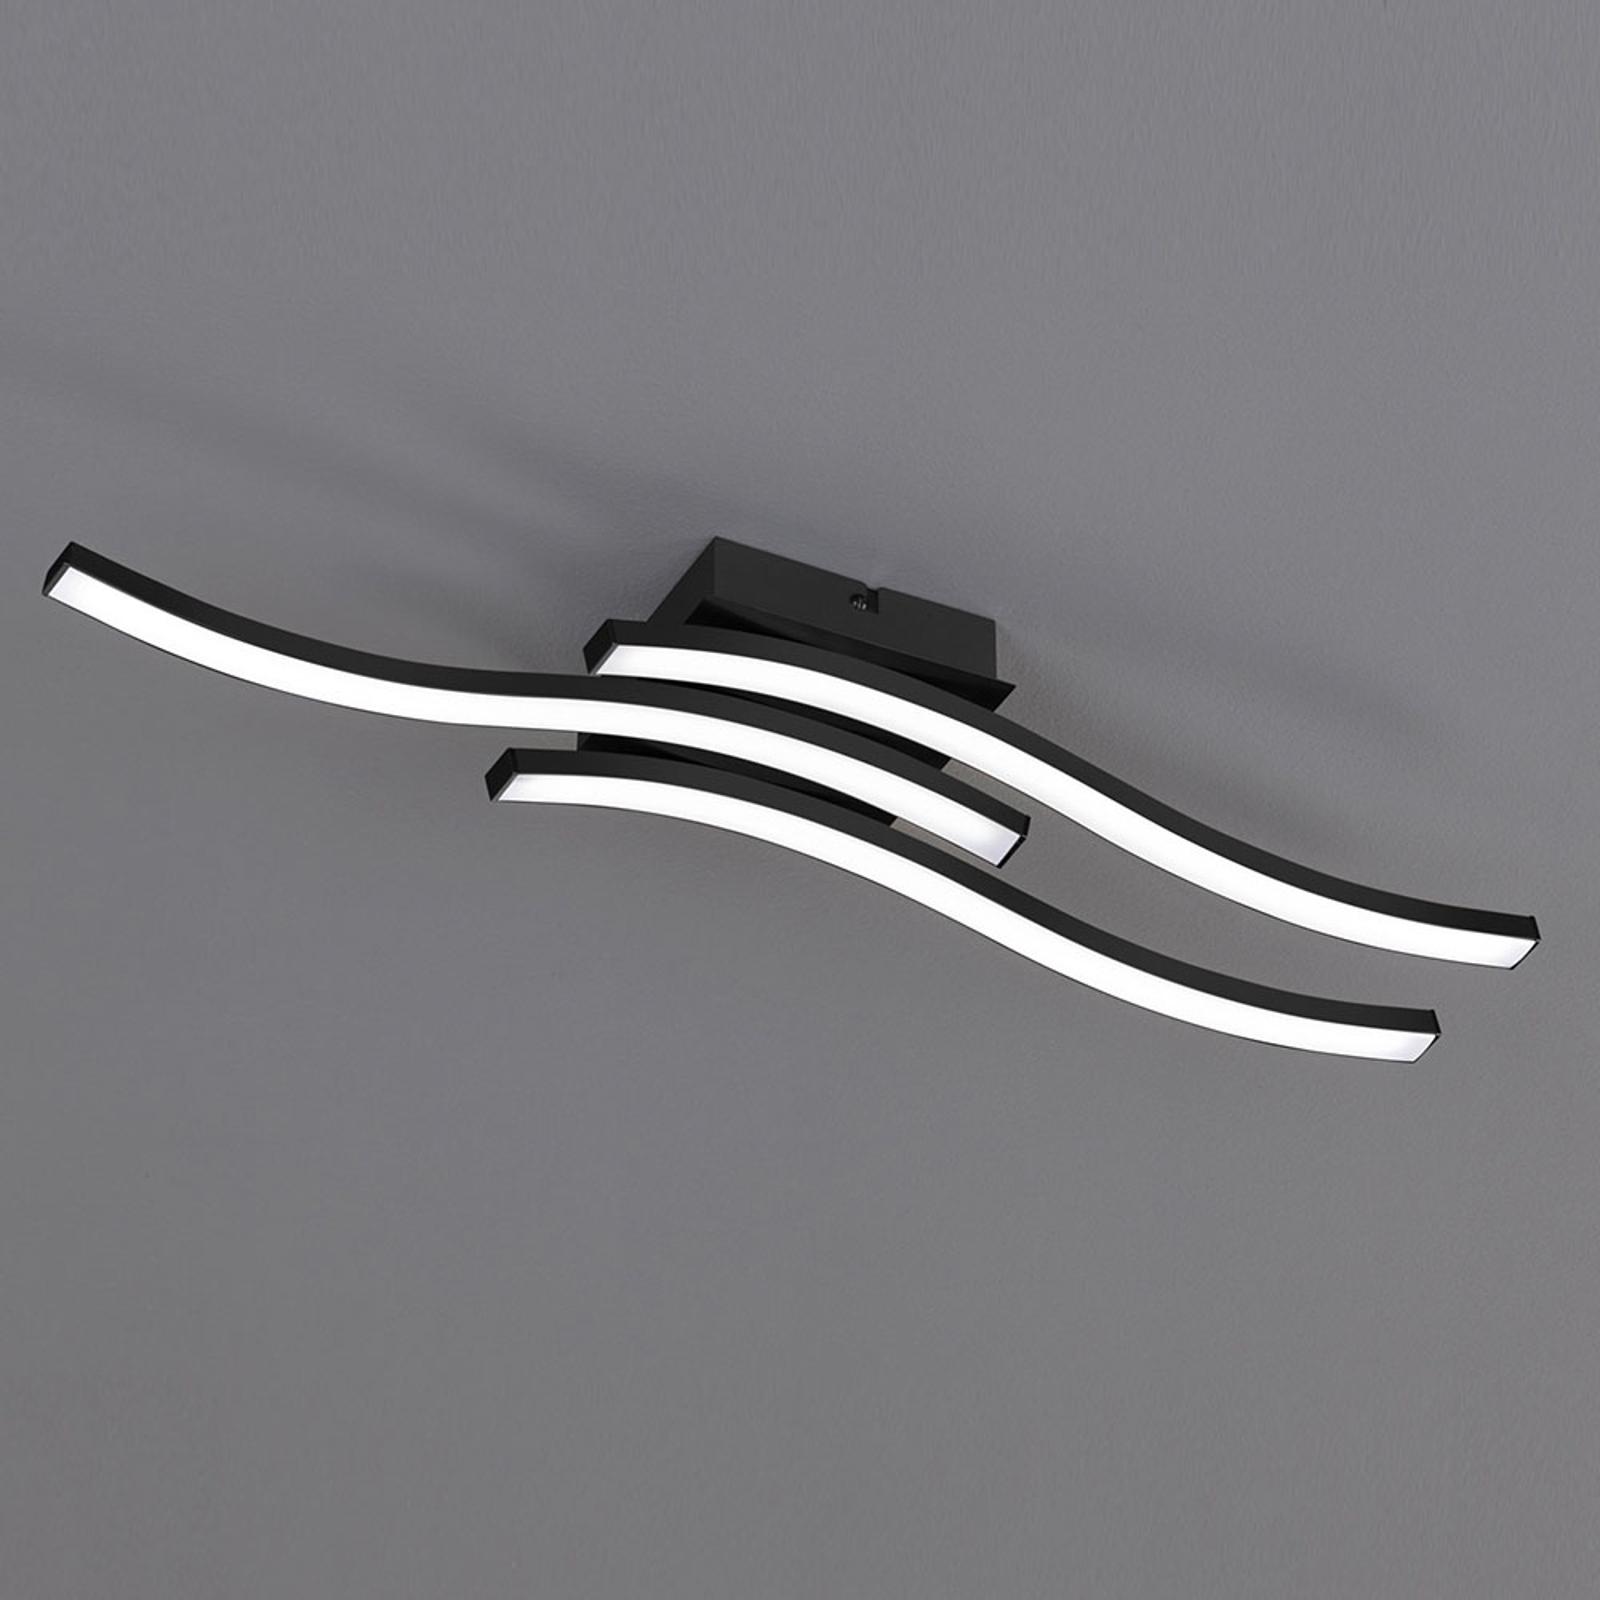 LED-taklampe Route i svart, 3 lyskilder